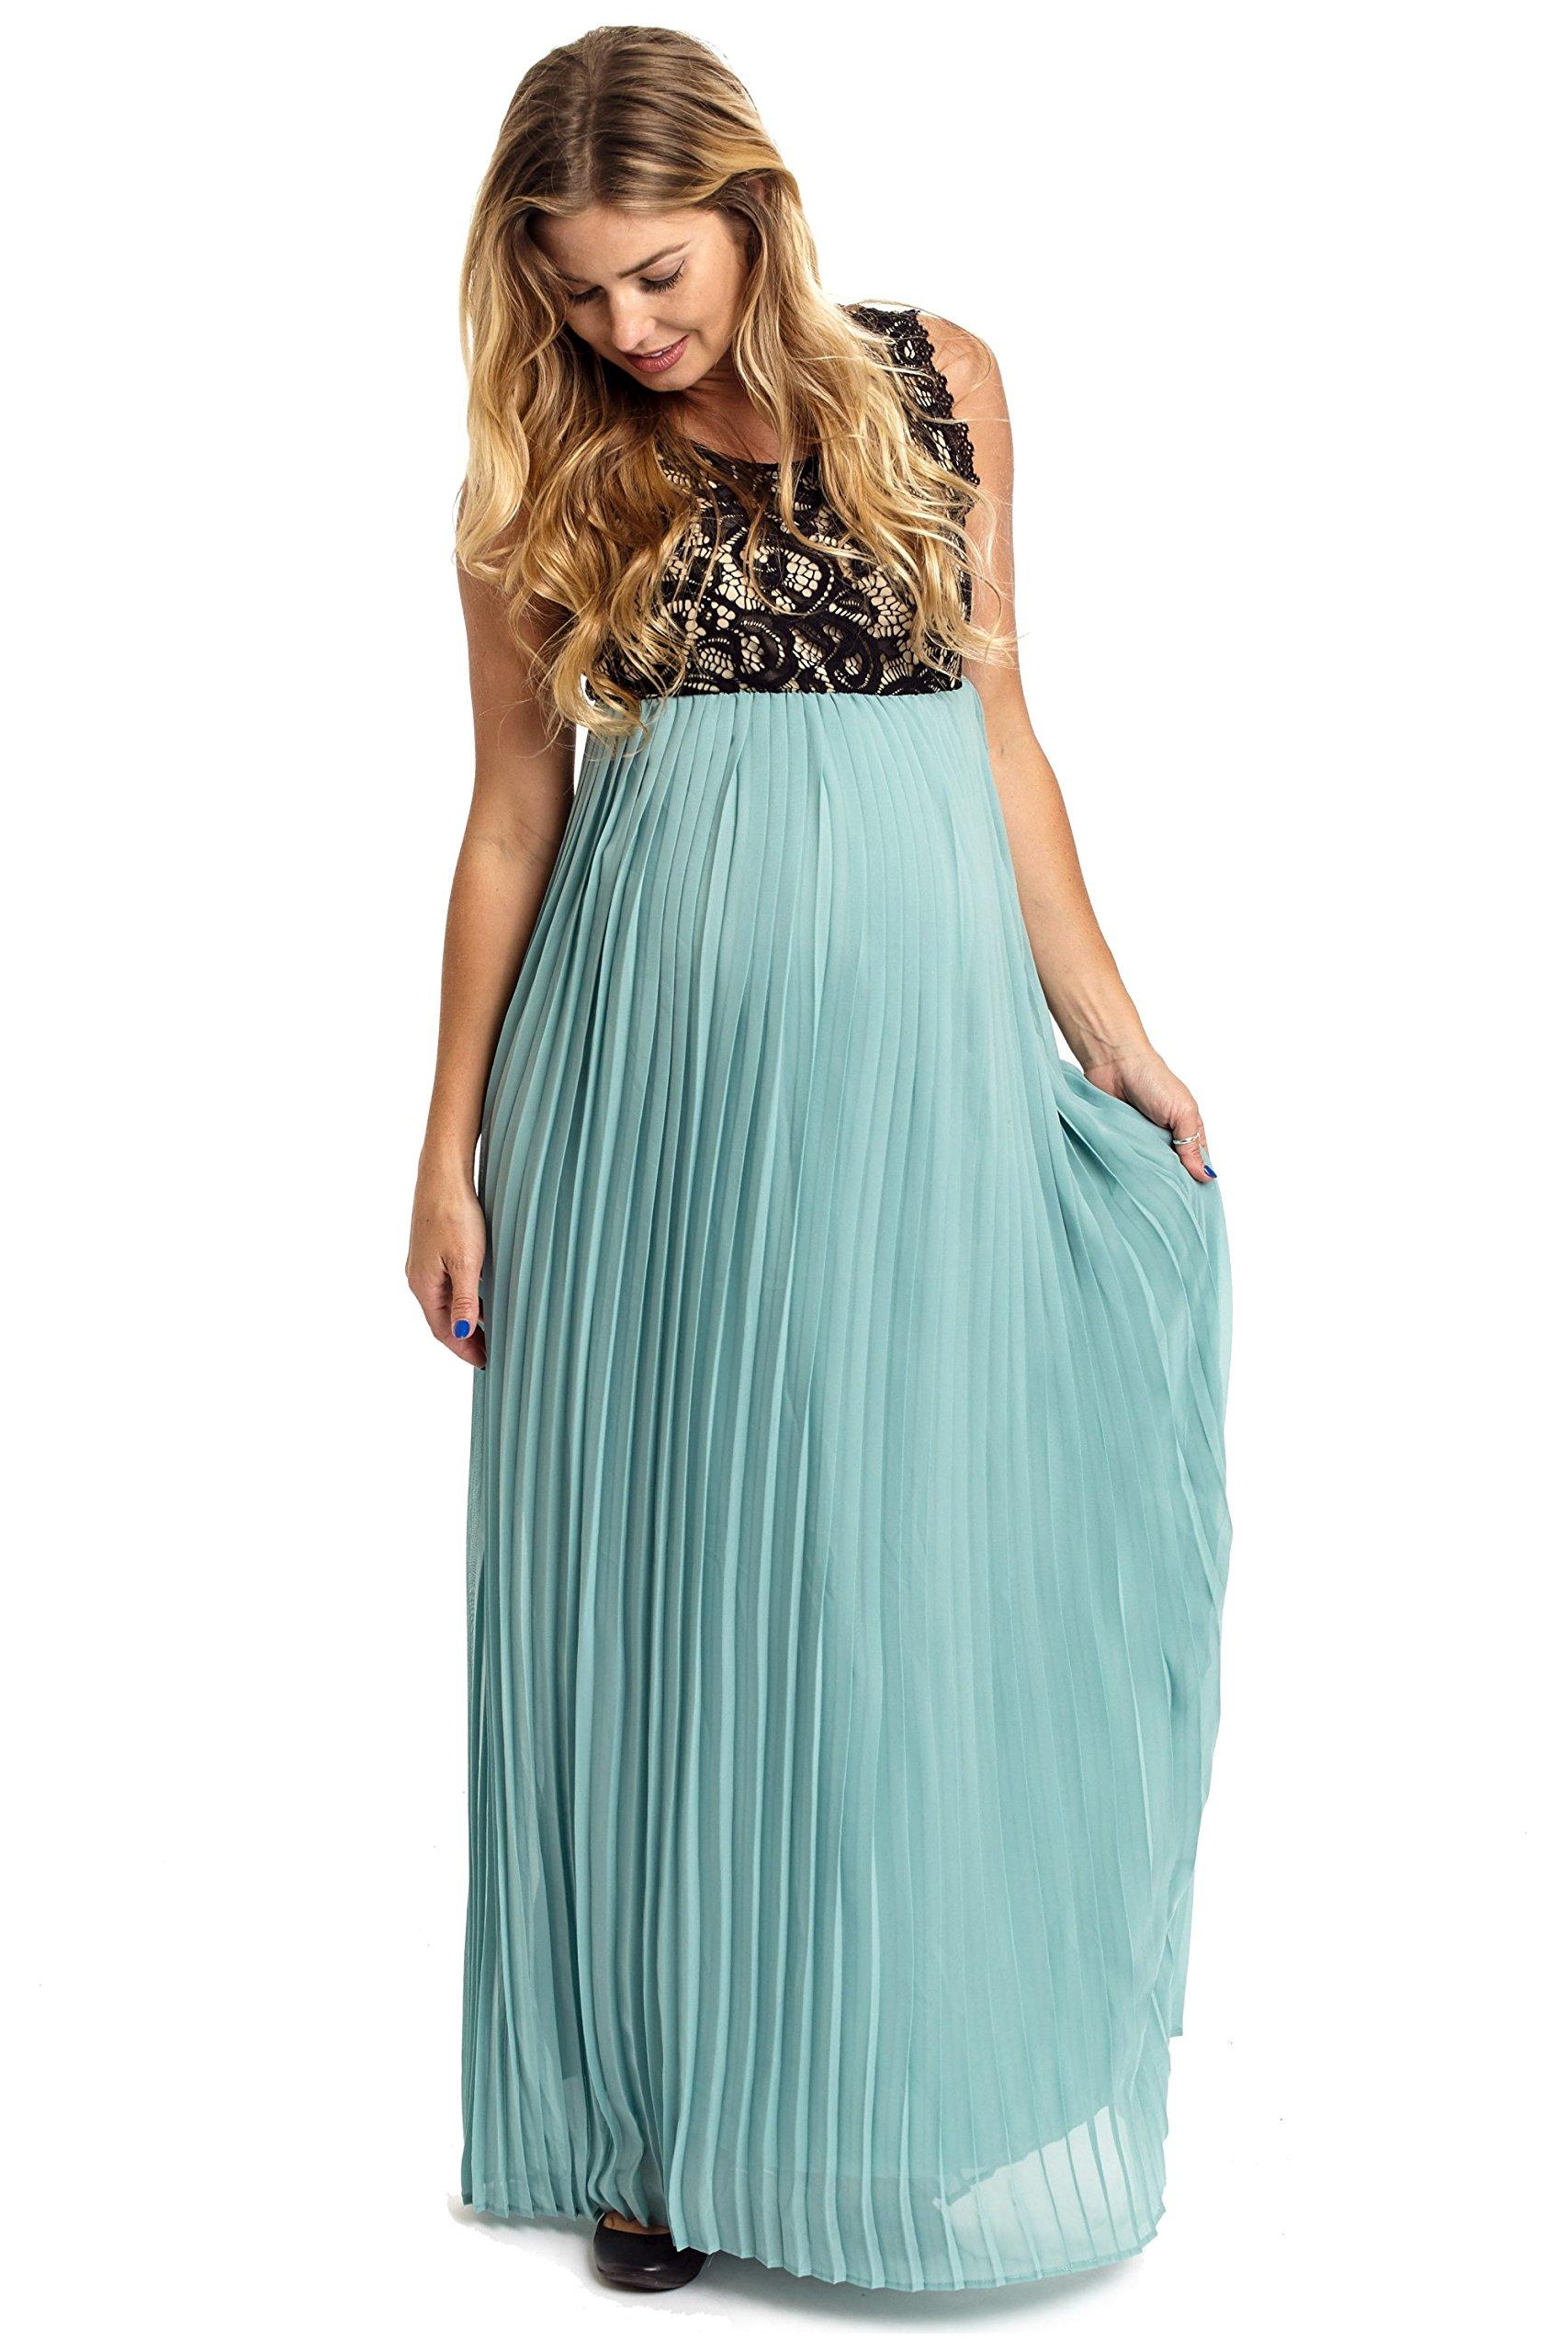 PinkBlush Maternity Dusty Aqua Pleated Chiffon Lace Top Maxi Dress, Small